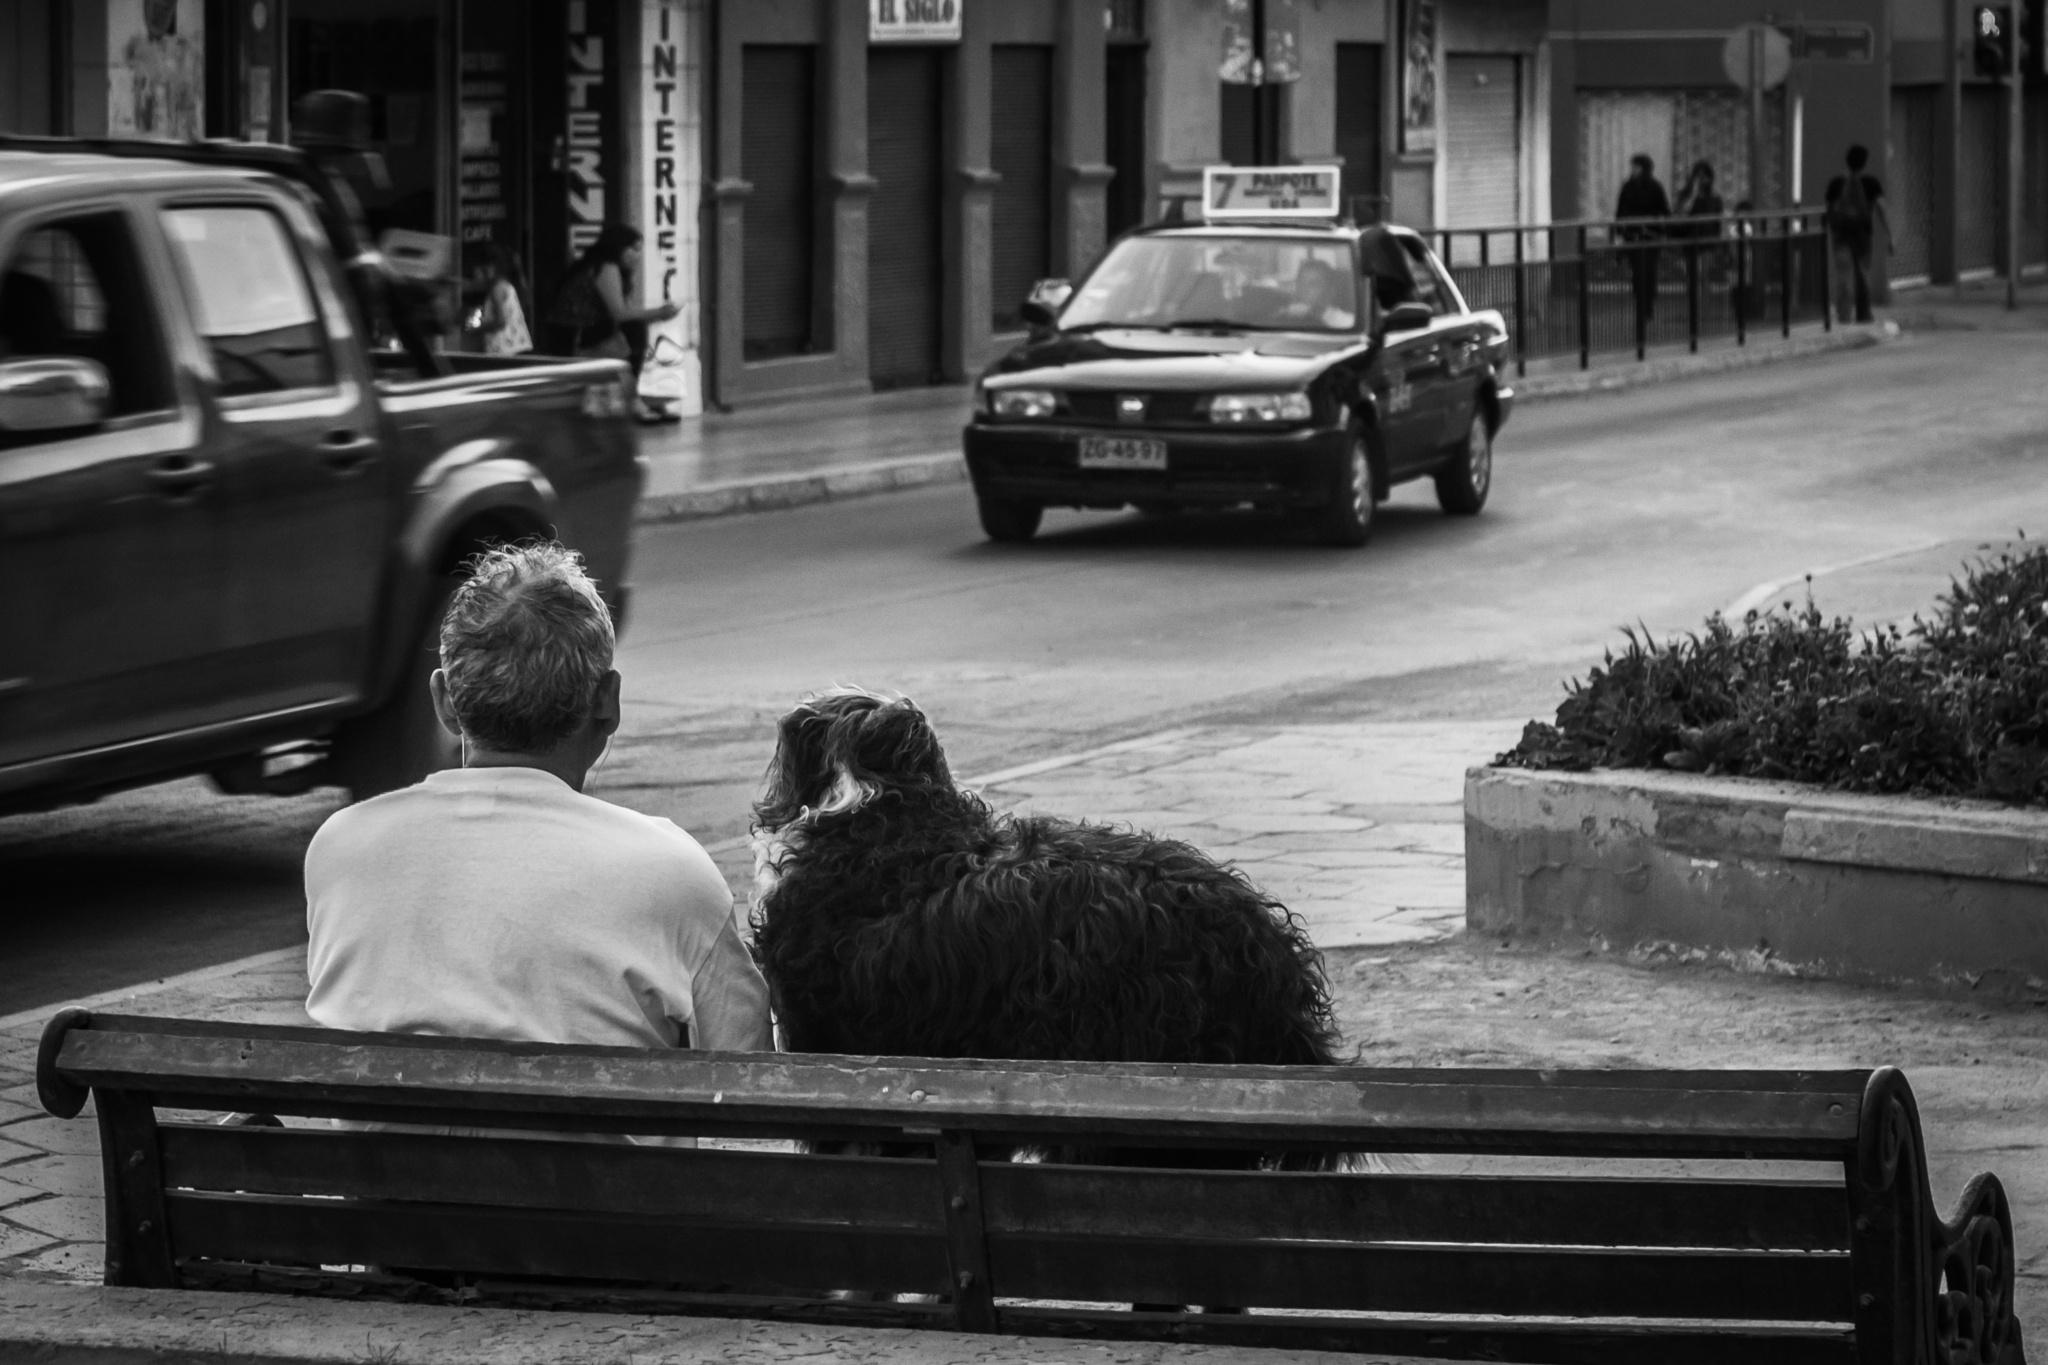 Amigos by FlaviuCodorean